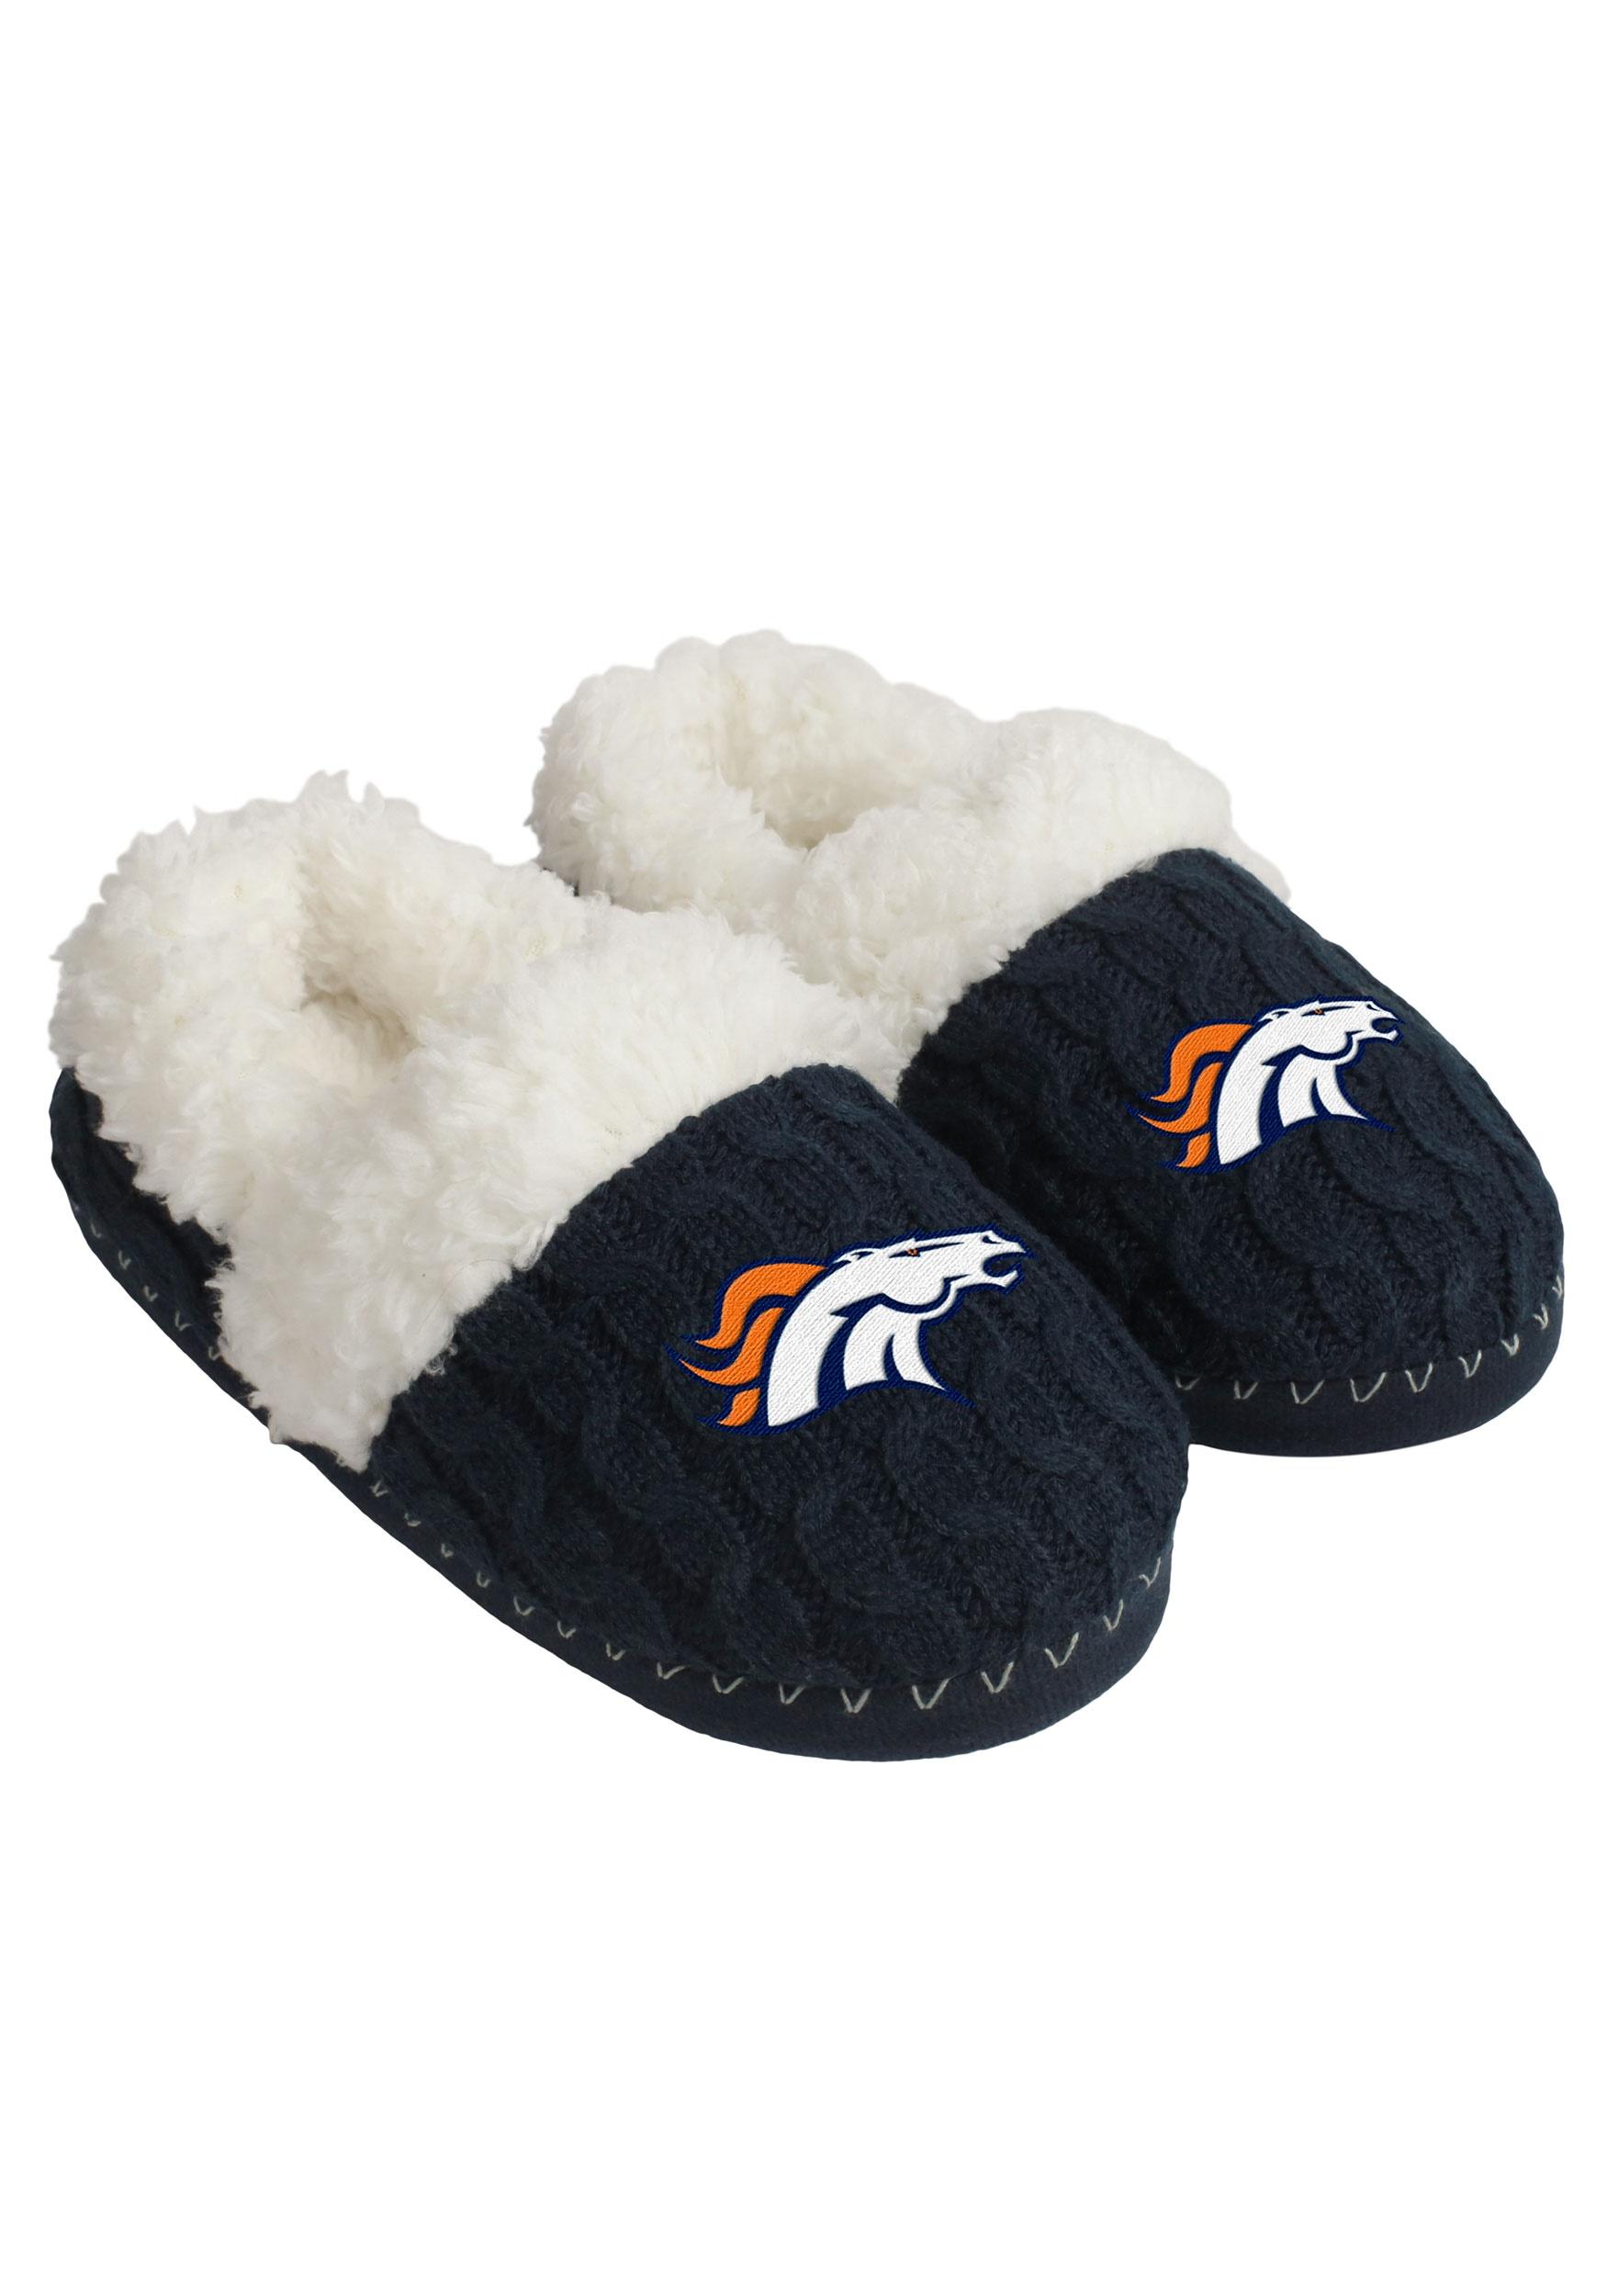 Nfl Denver Broncos Team Color Moccasins For Women